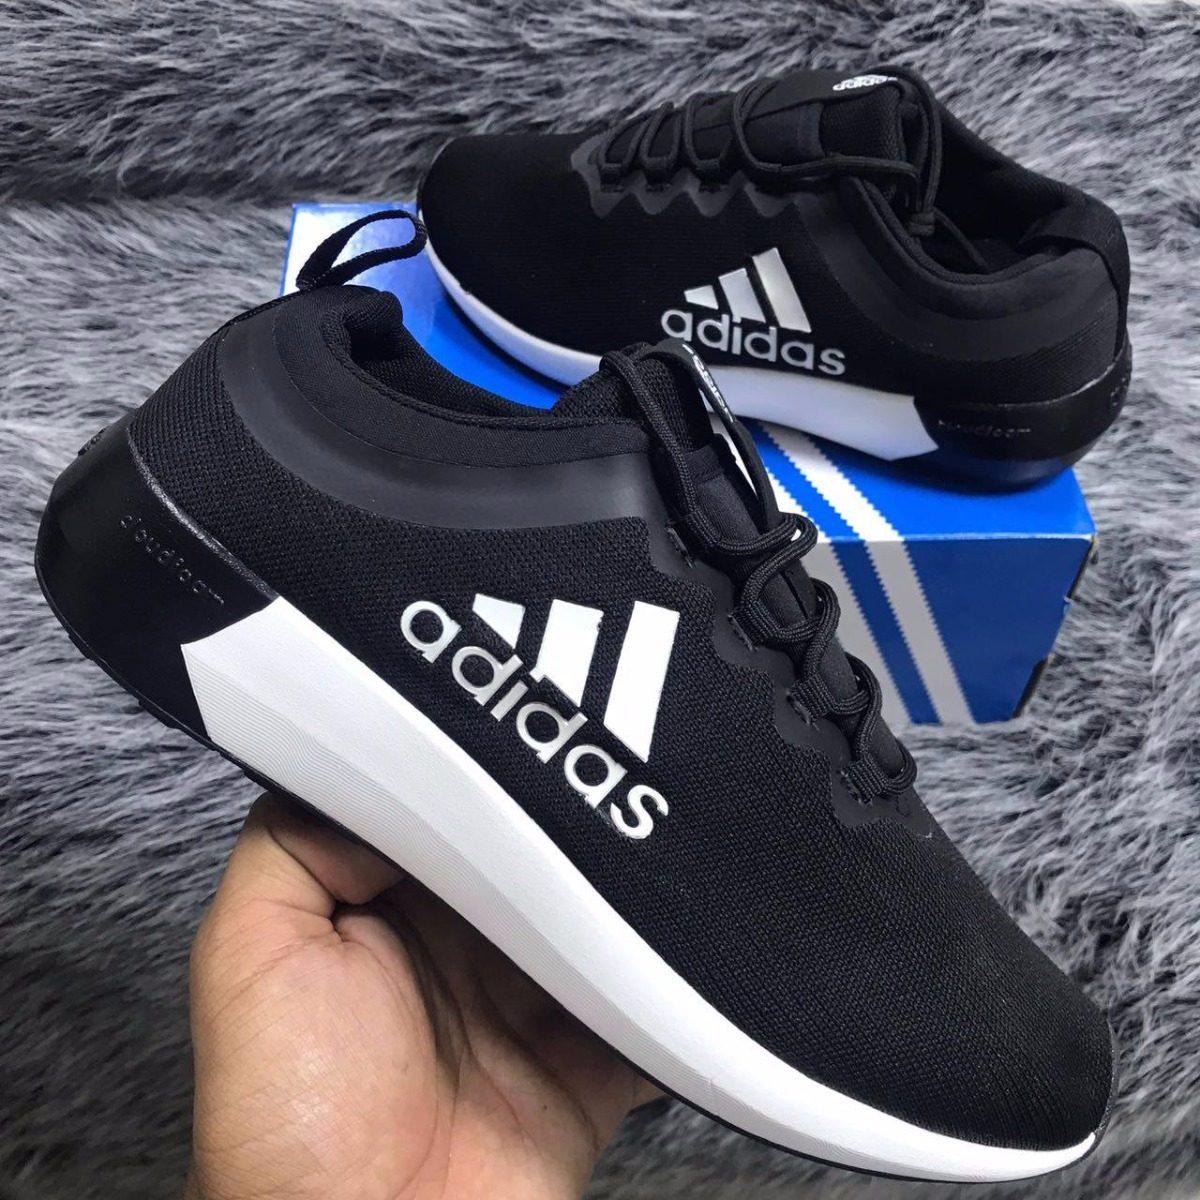 abadfb4fcd9 Zapatillas adidas Cloudfoam 100% Originales En Colores -   155.000 ...